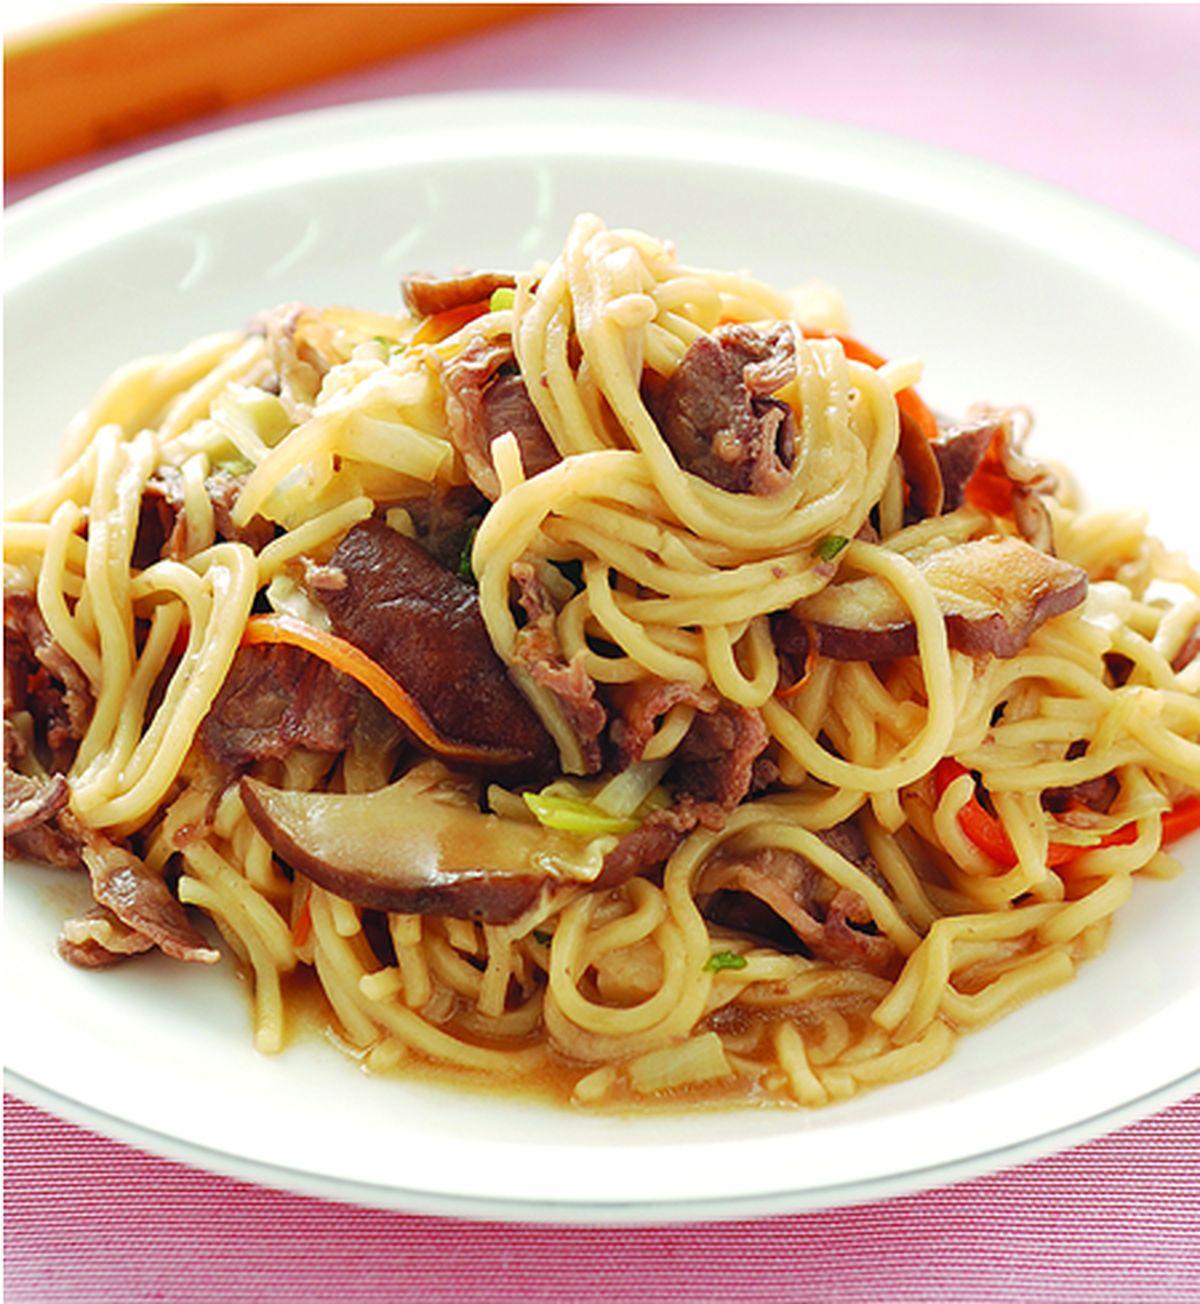 食譜:什錦牛肉炒麵